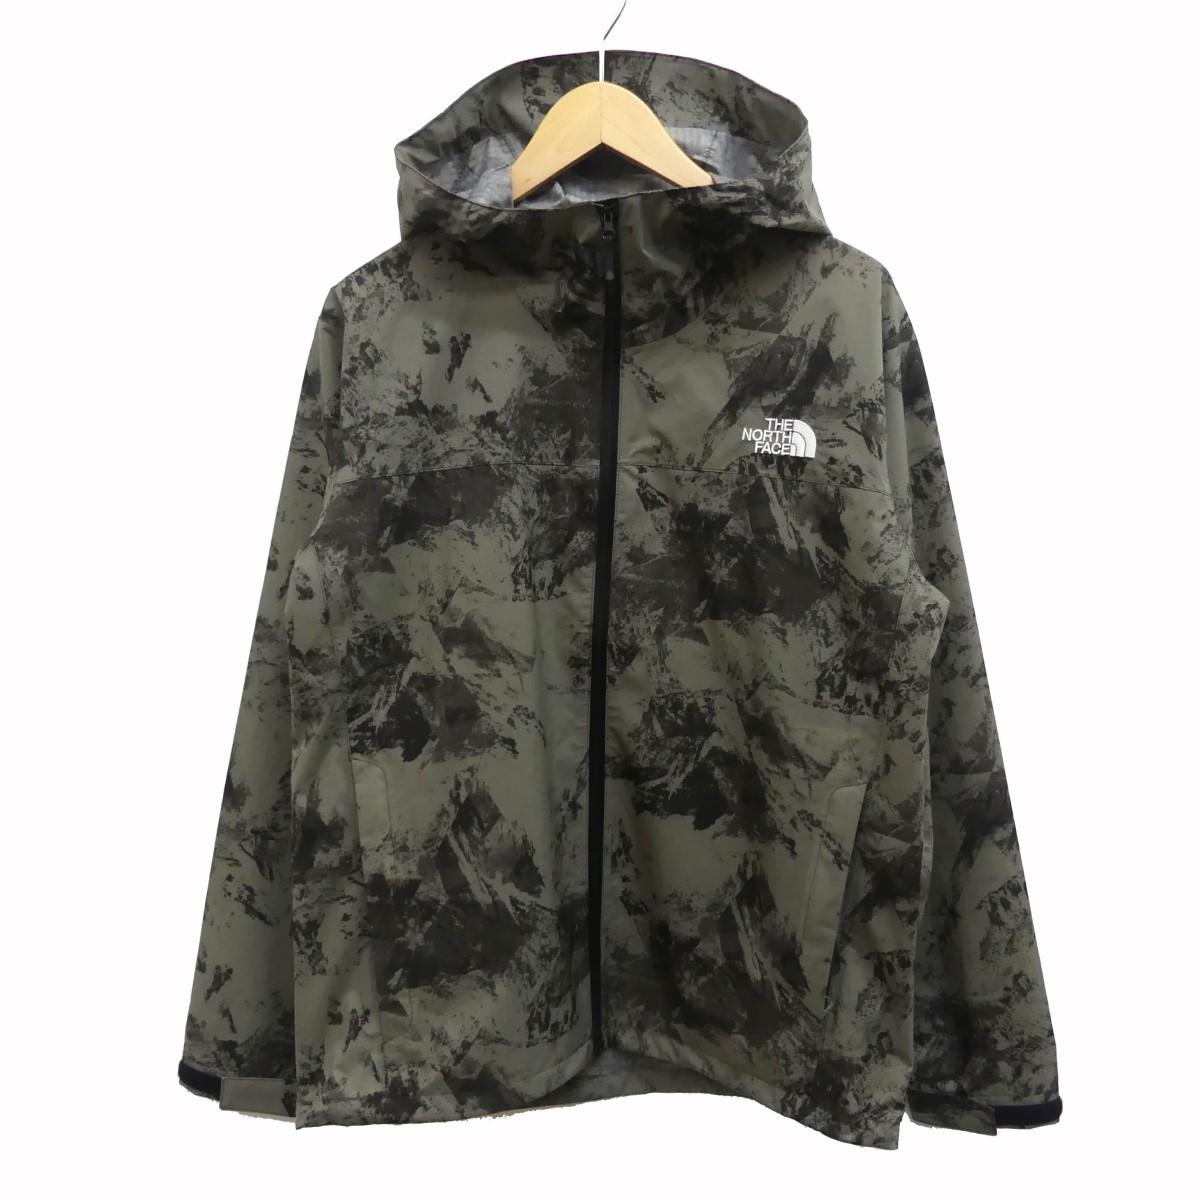 【中古】THE NORTH FACE Novelty Venture Jacket ノベルティベンチャージャケット カーキ サイズ:M 【110620】(ザノースフェイス)